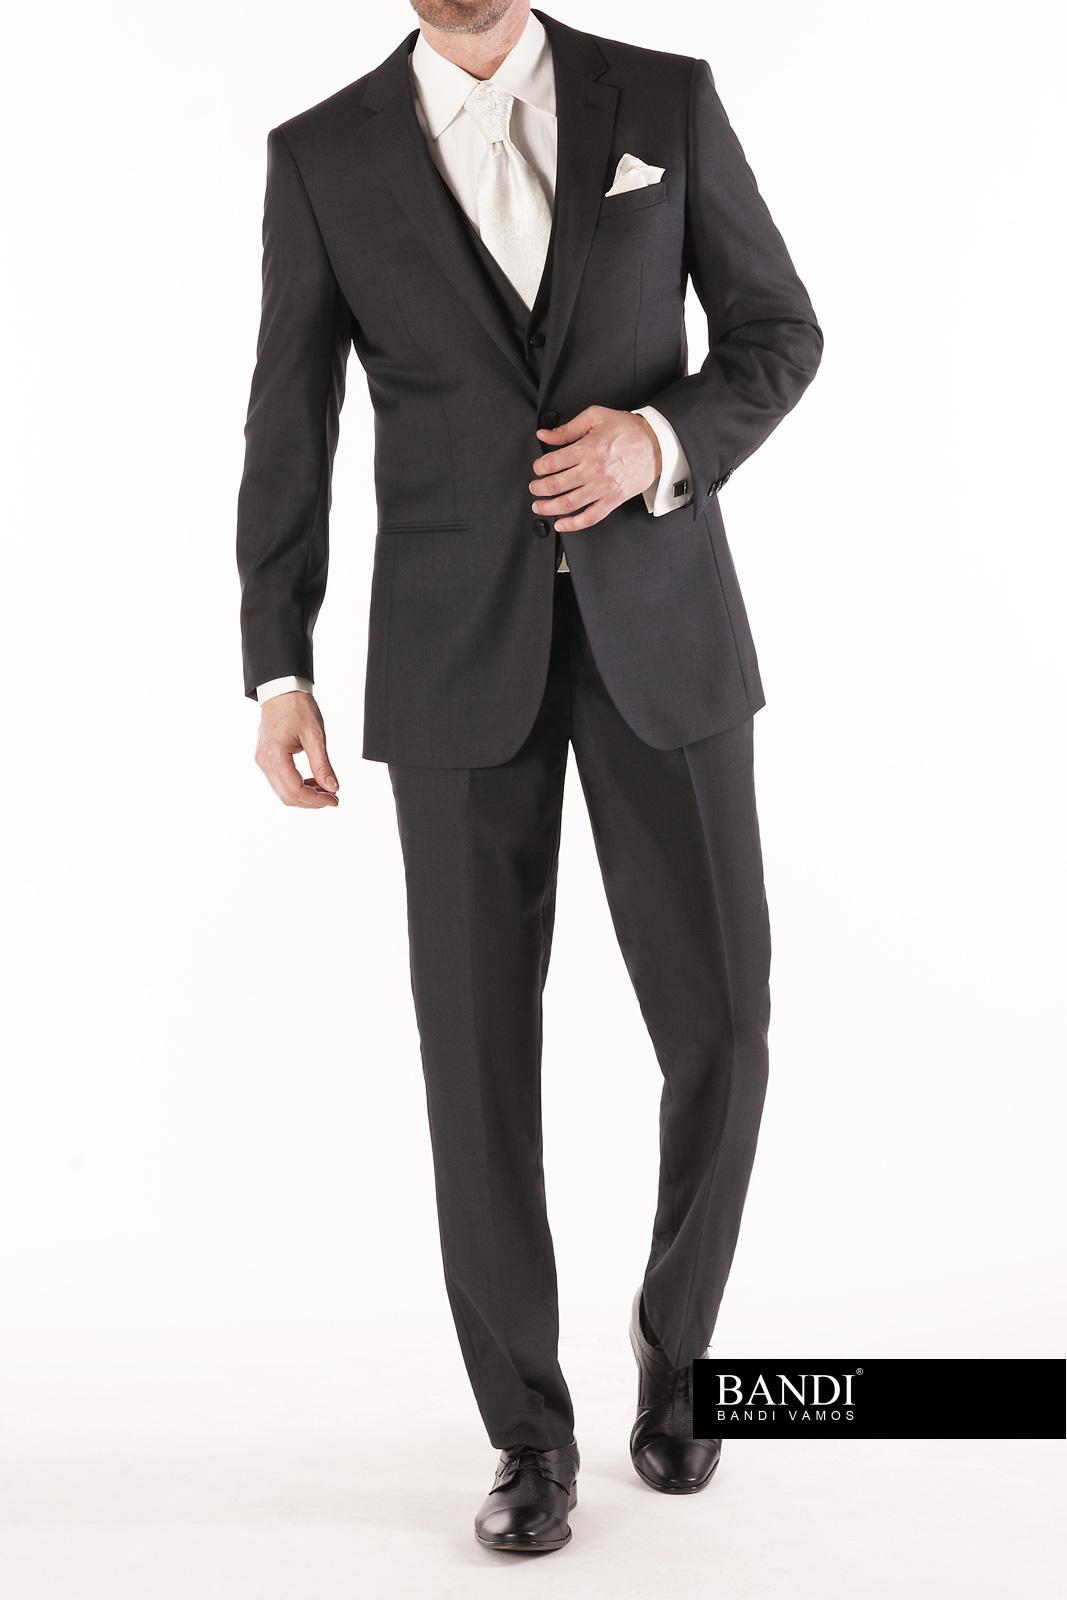 Tmavý oblek pro ženicha